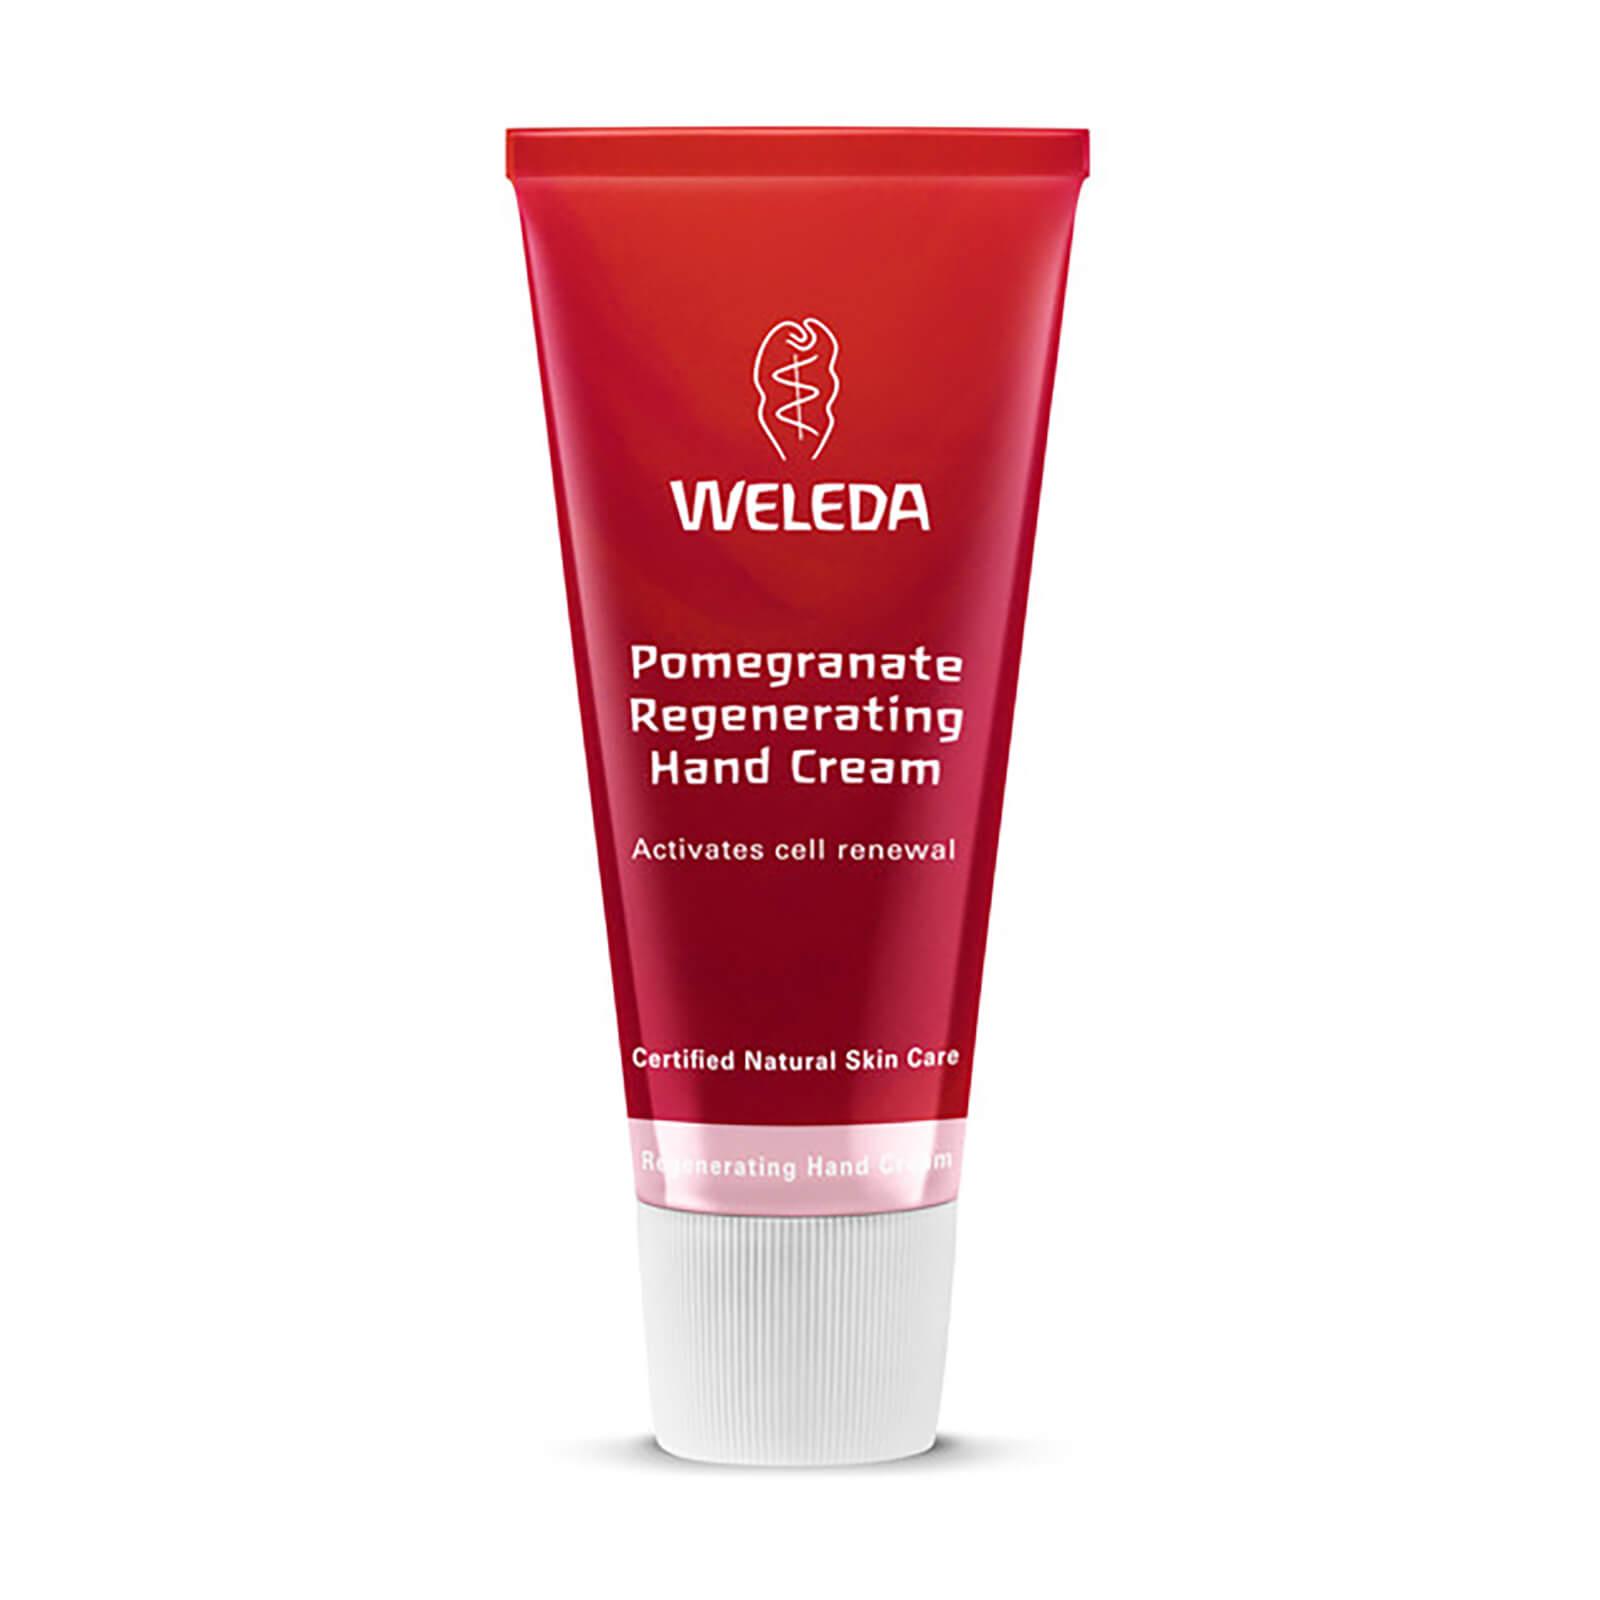 Weleda Crema de manos regeneradora de granada de Weleda (50 ml)